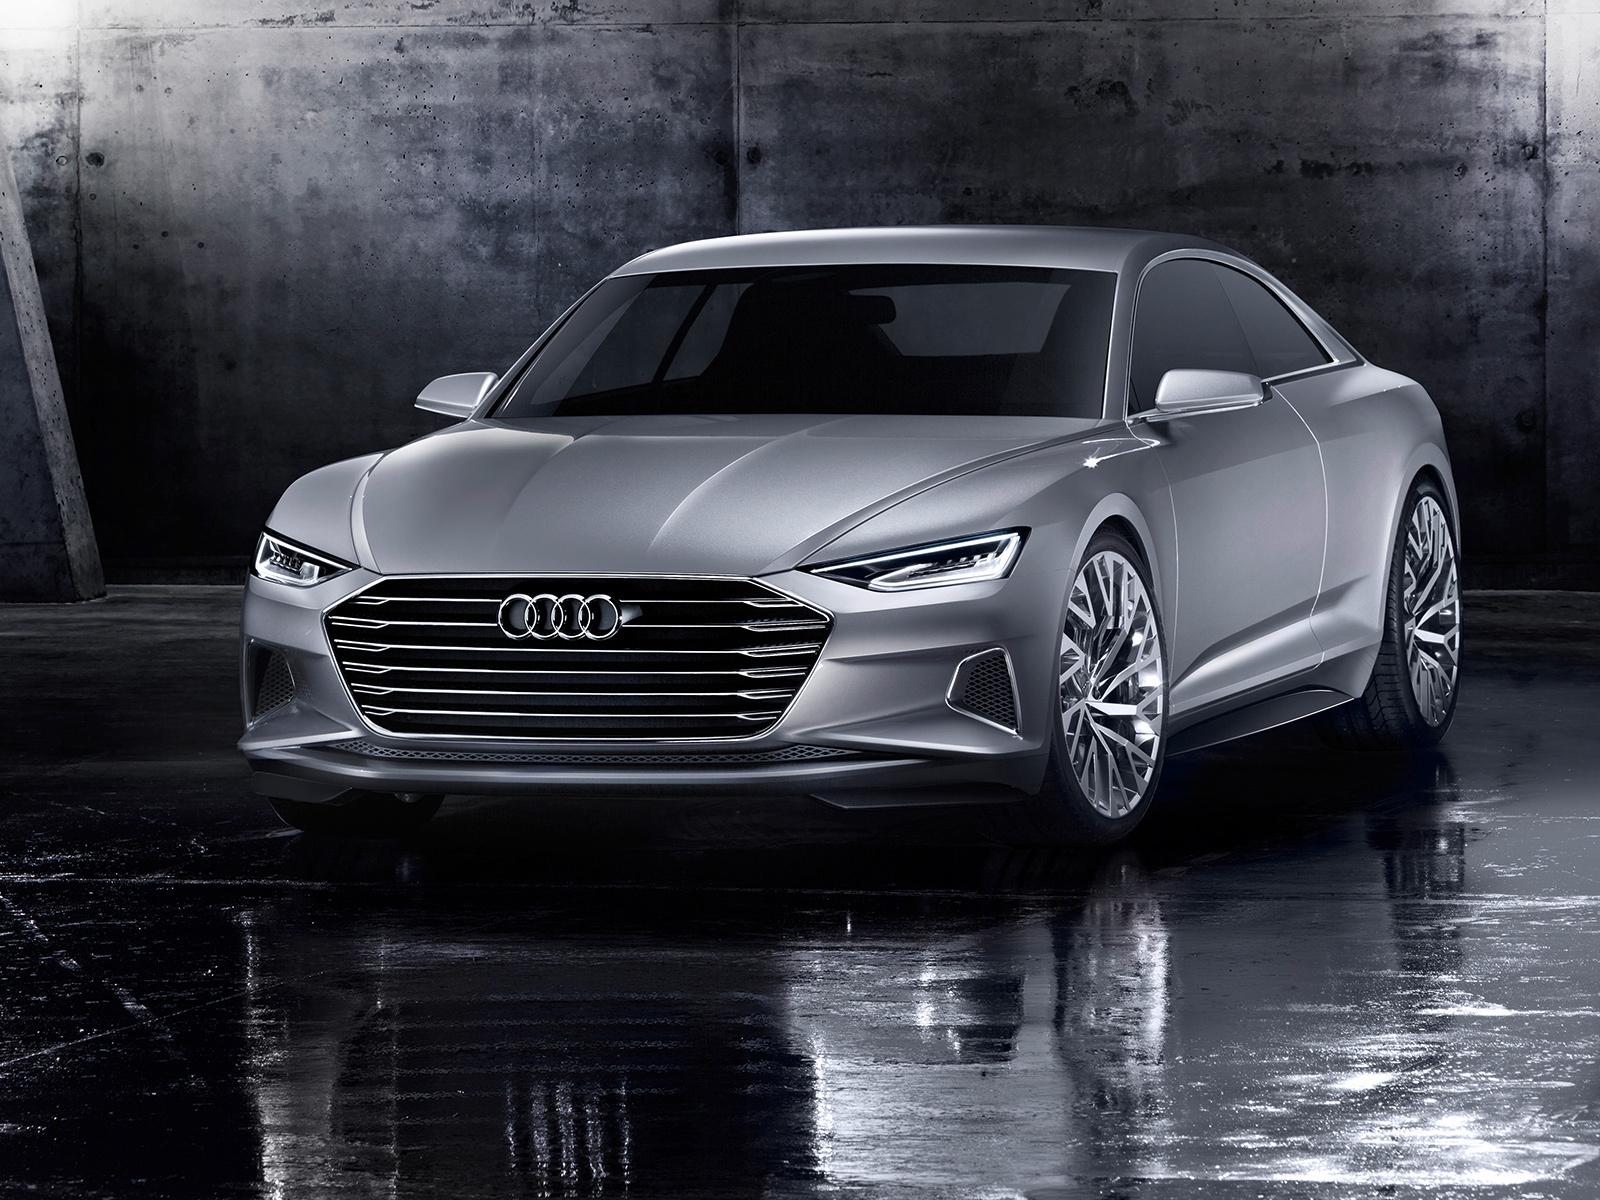 Audi A9 2016 Concept